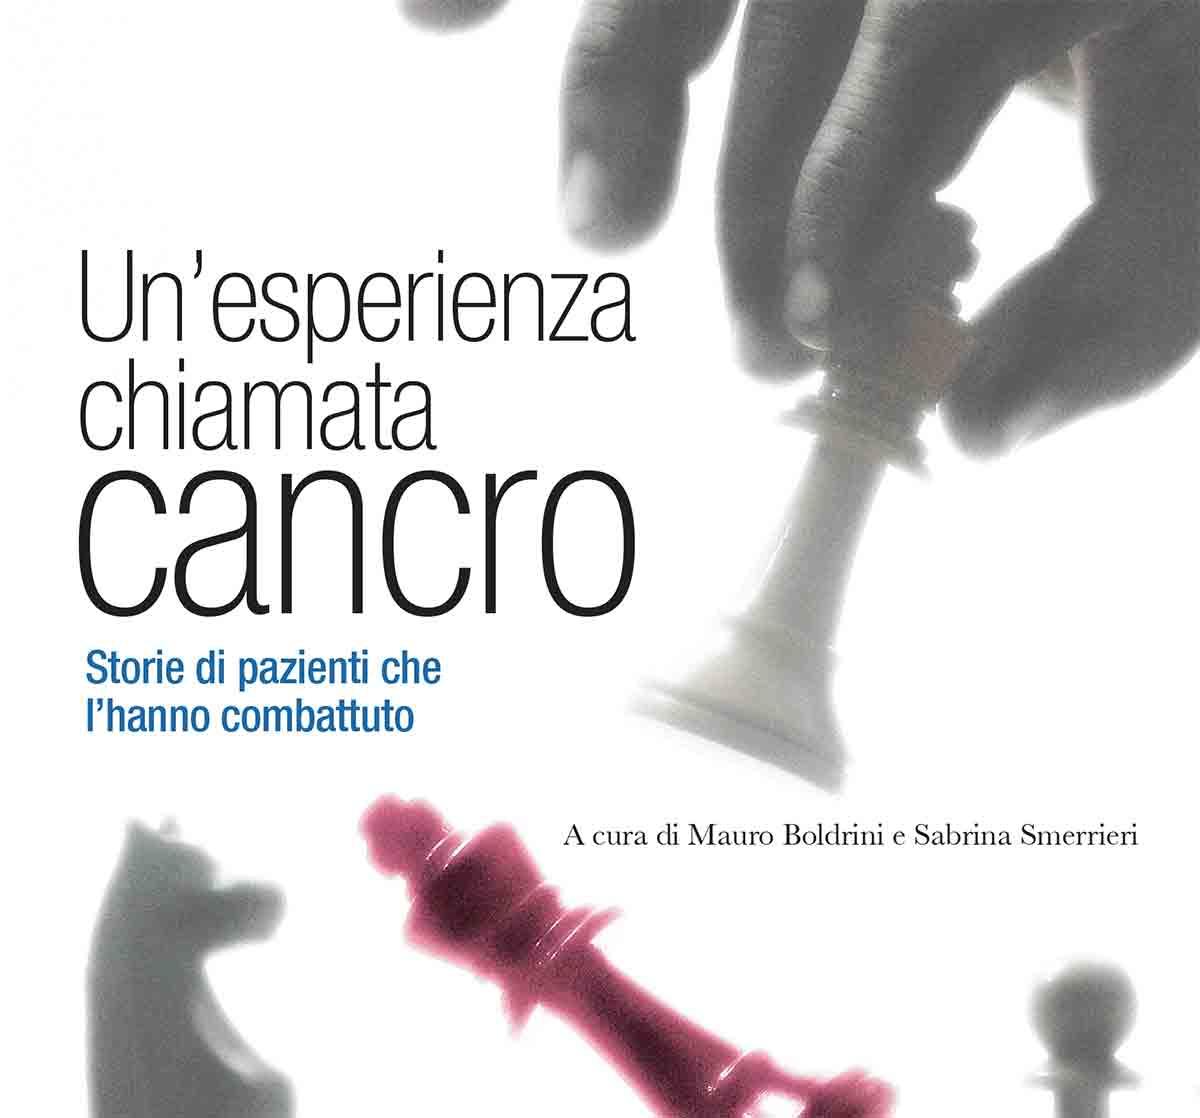 puoi curare il carcinoma prostatico avanzato?